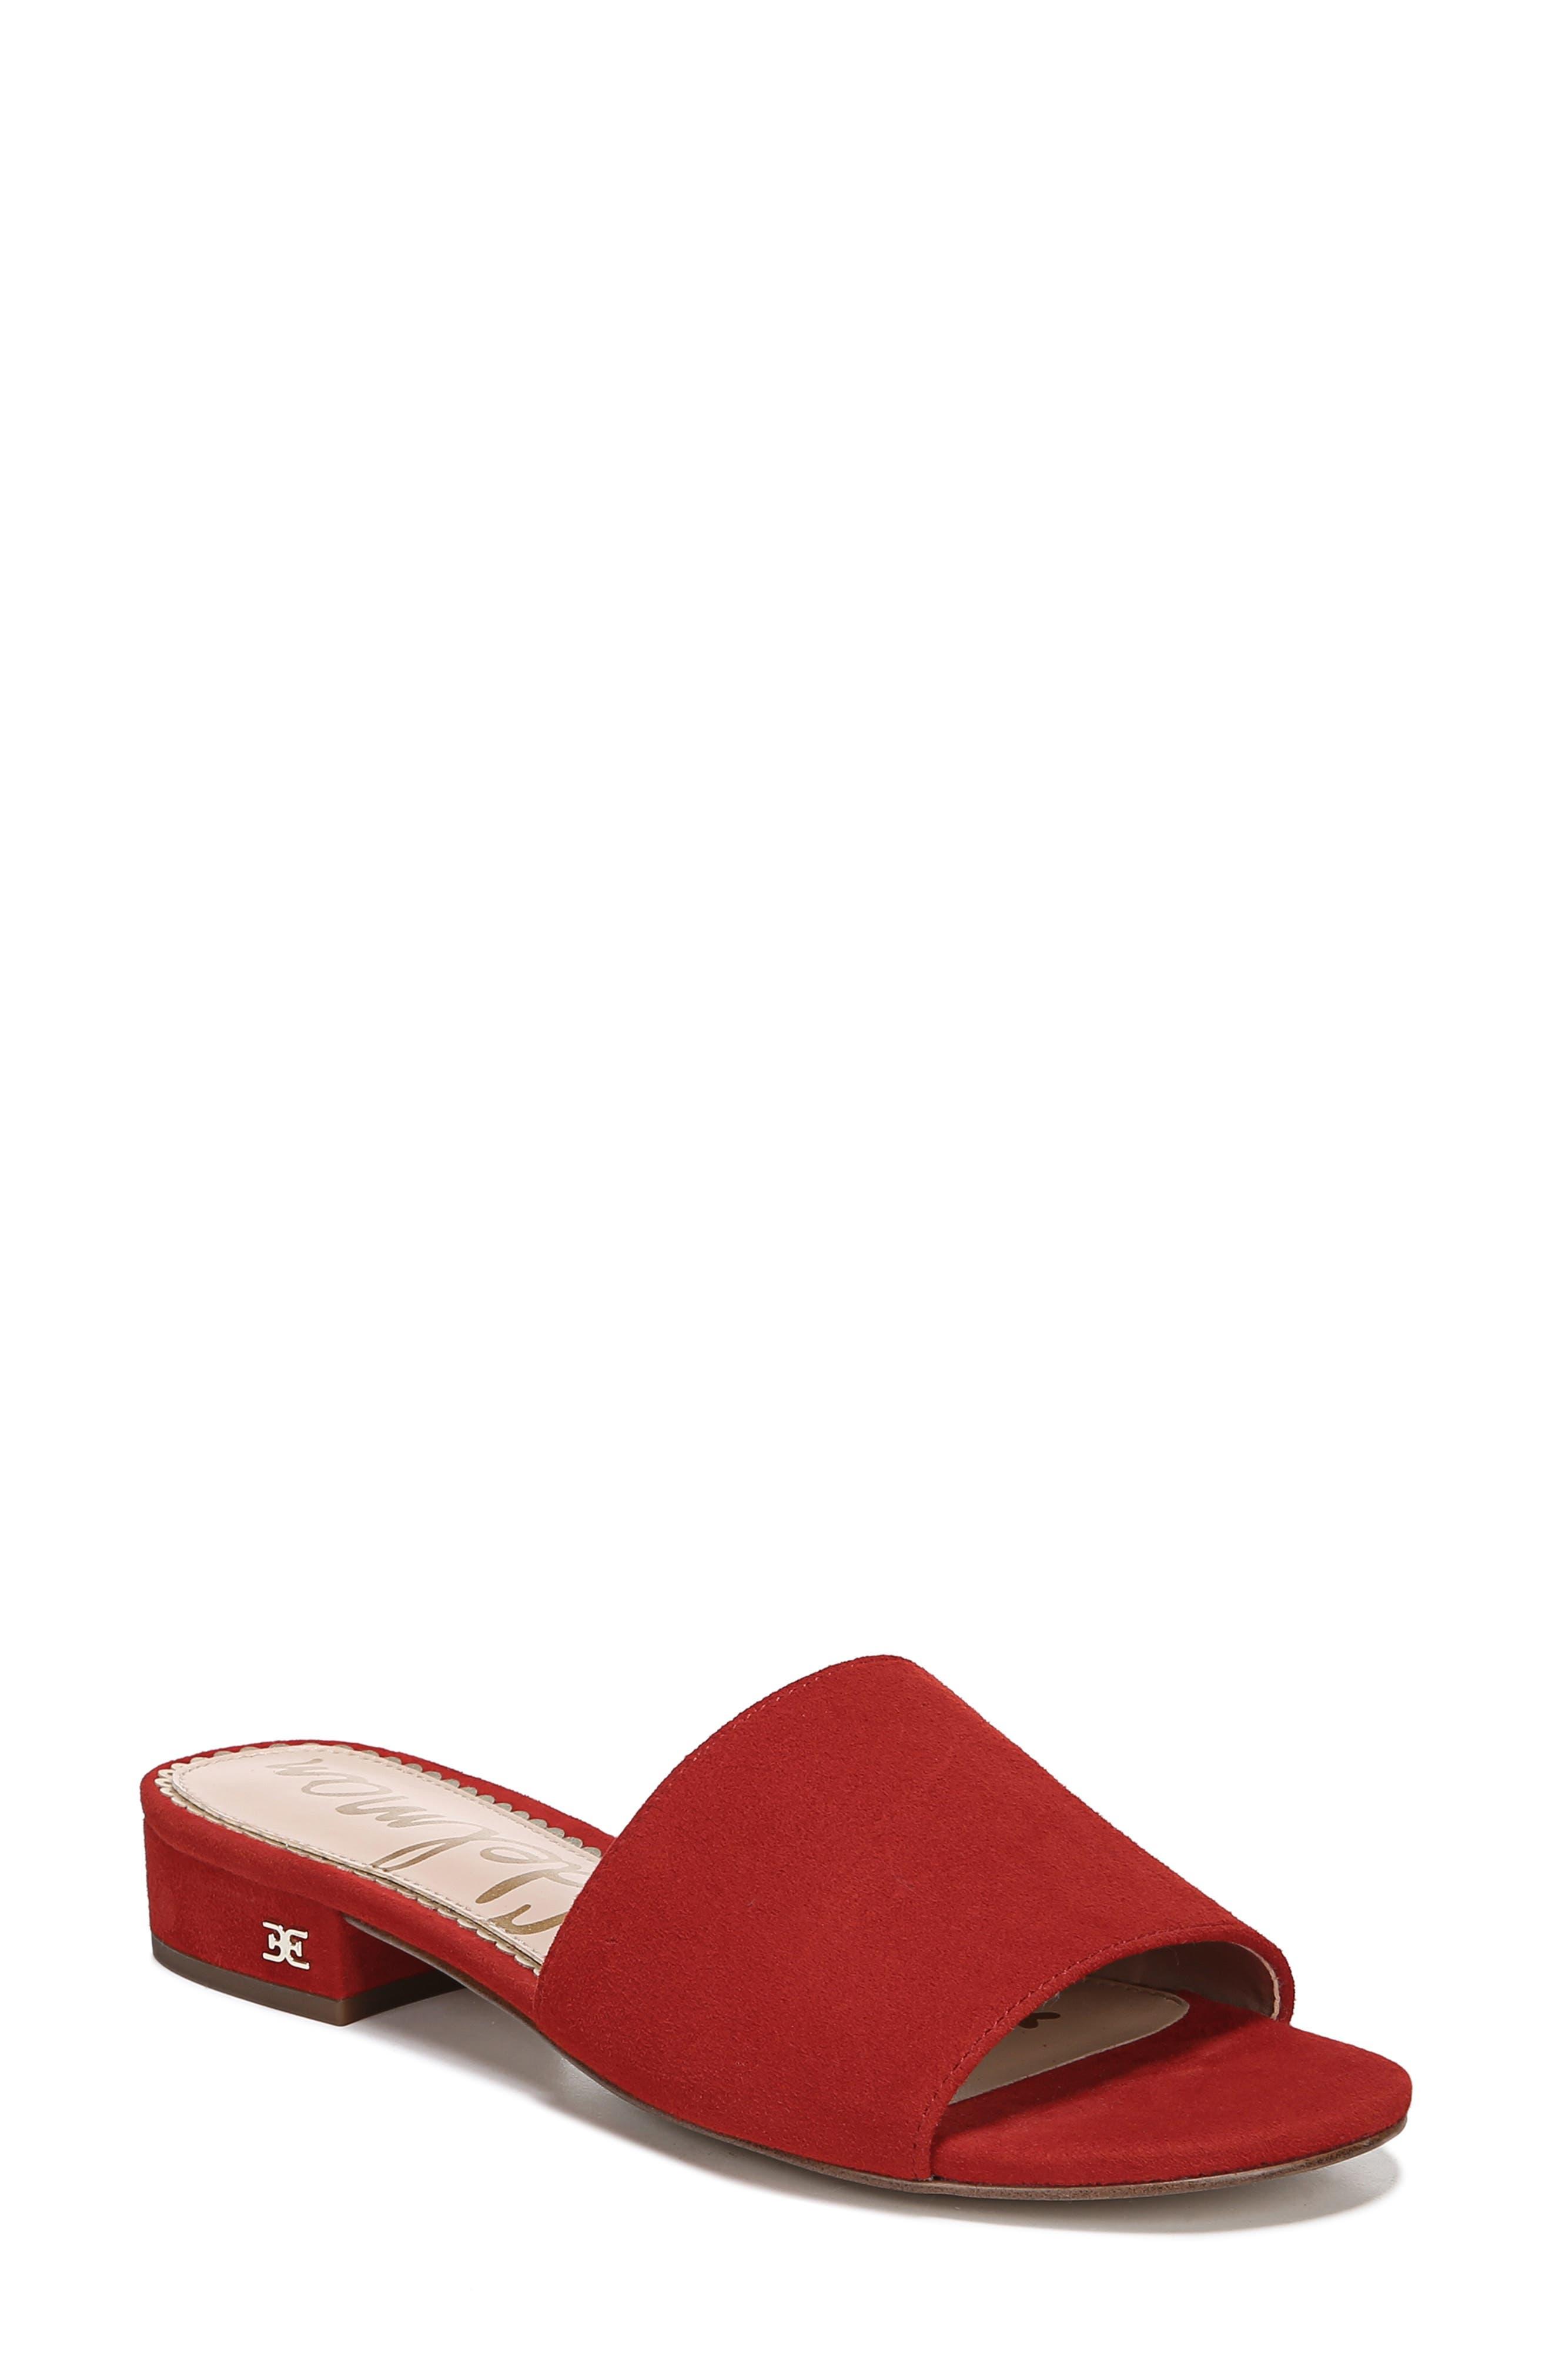 Sam Edelman Kenz Slide Sandal, Red